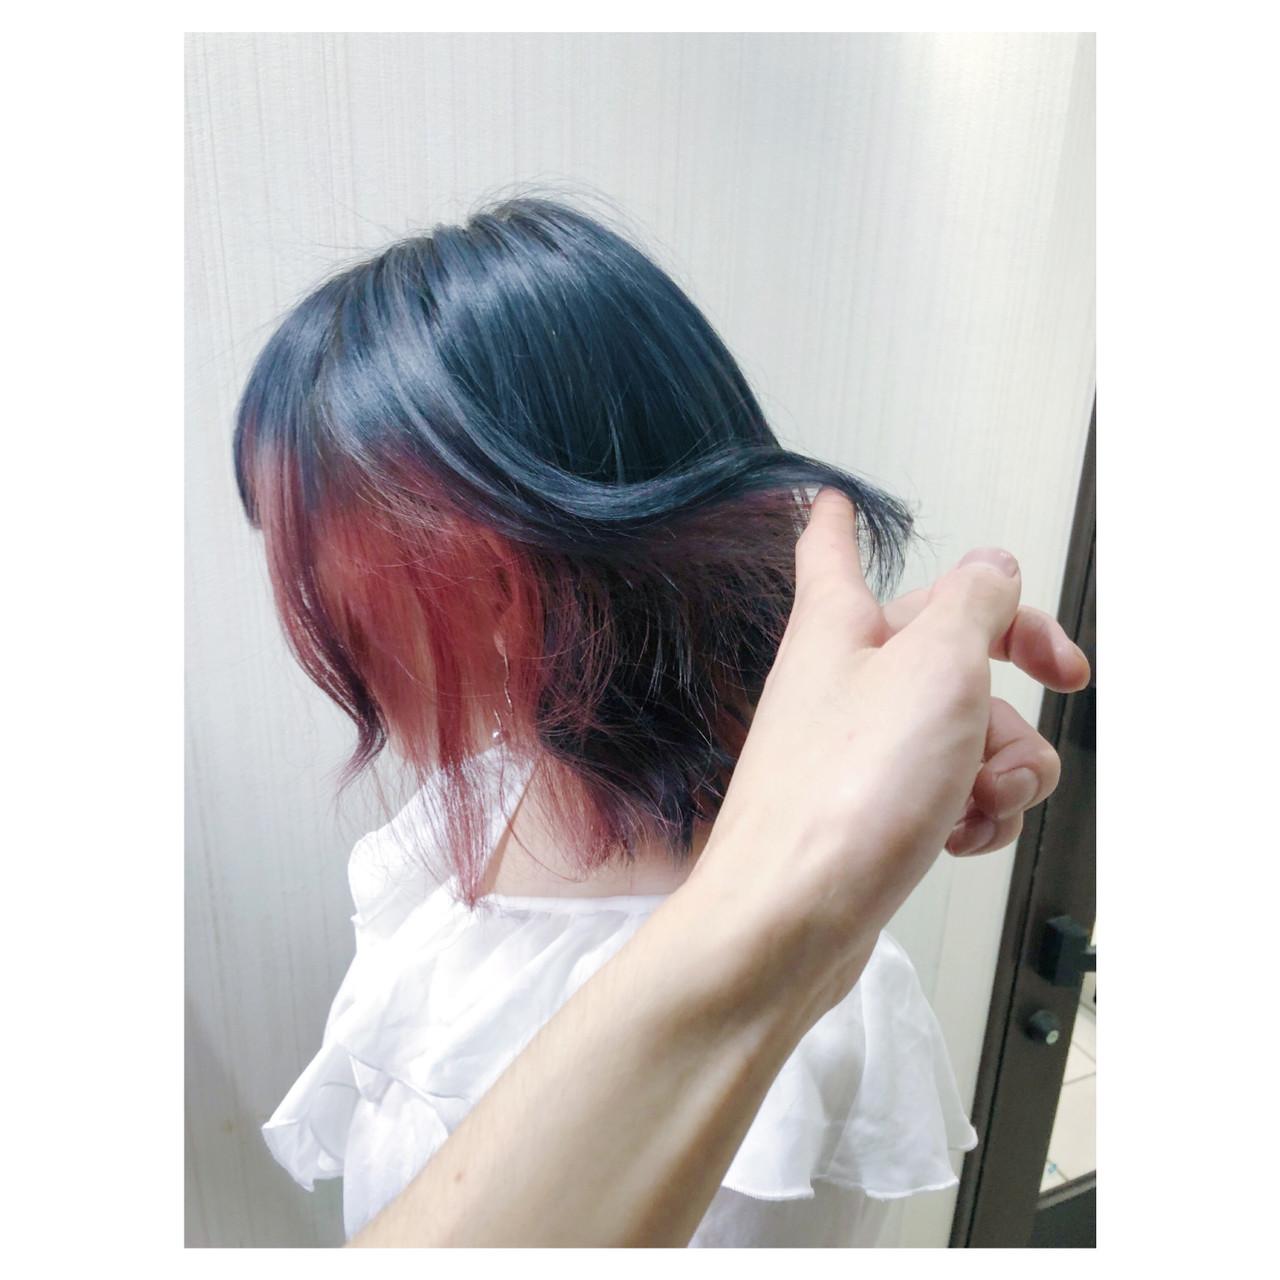 ミディアム フェミニン 簡単ヘアアレンジ ヘアアレンジ ヘアスタイルや髪型の写真・画像